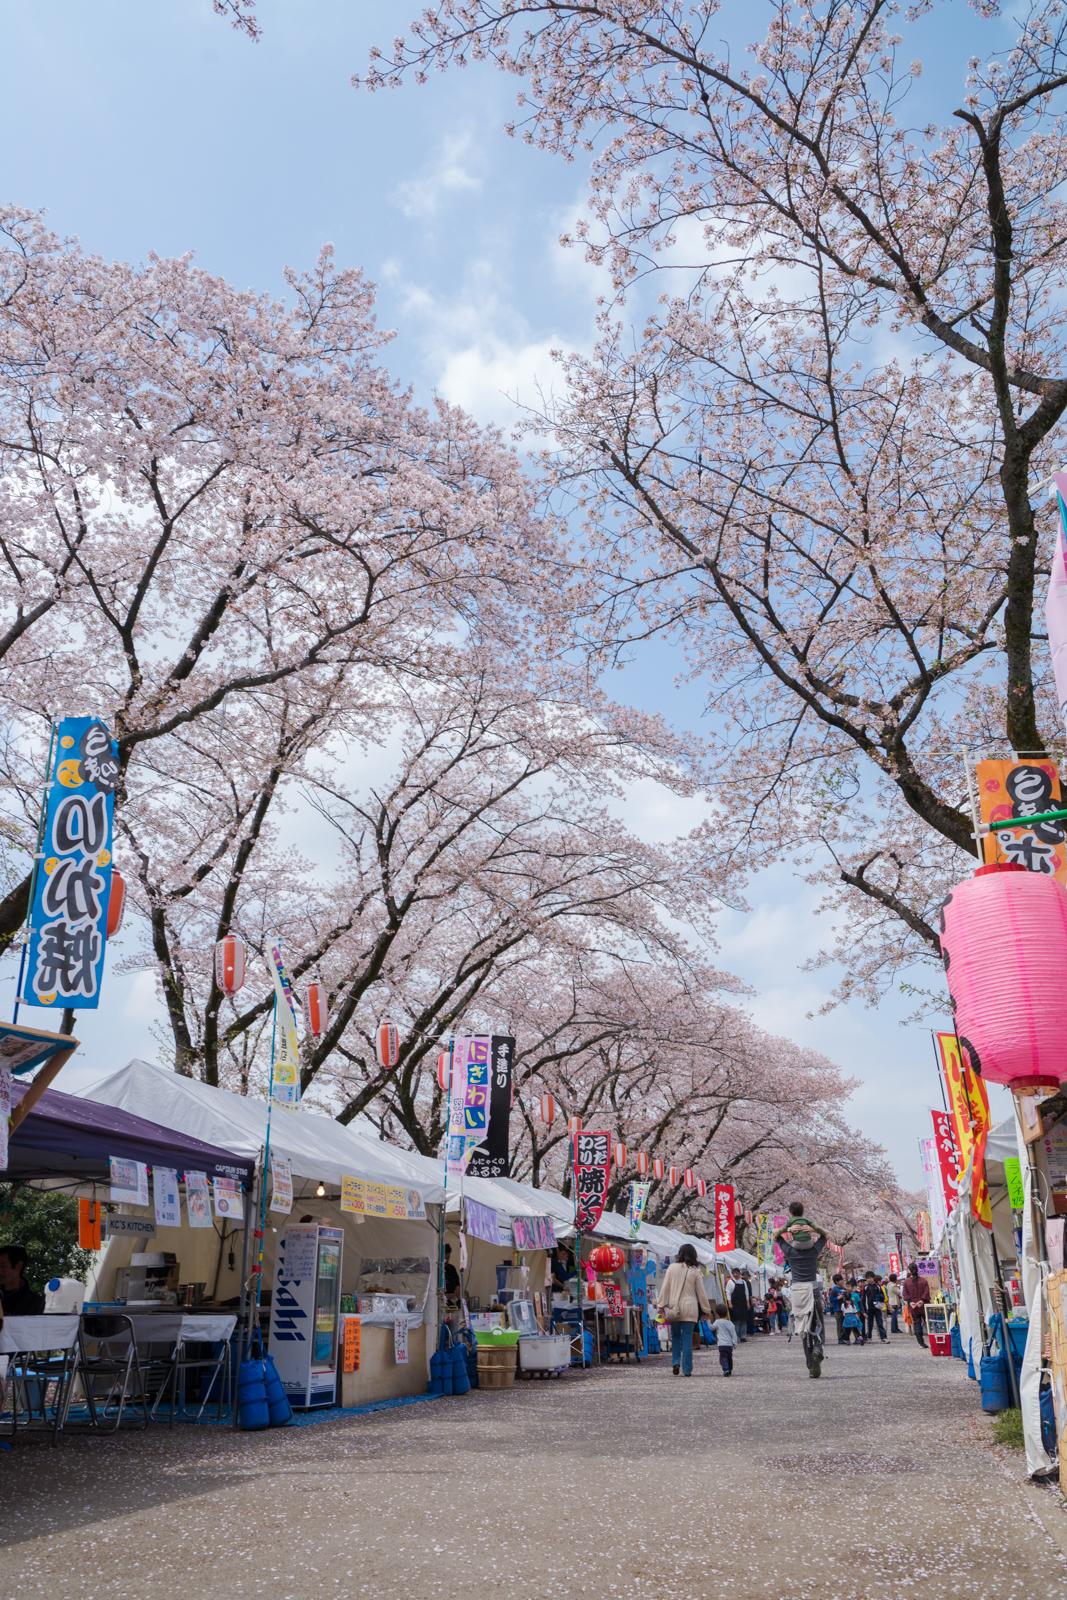 羽村の堰 桜まつりの写真